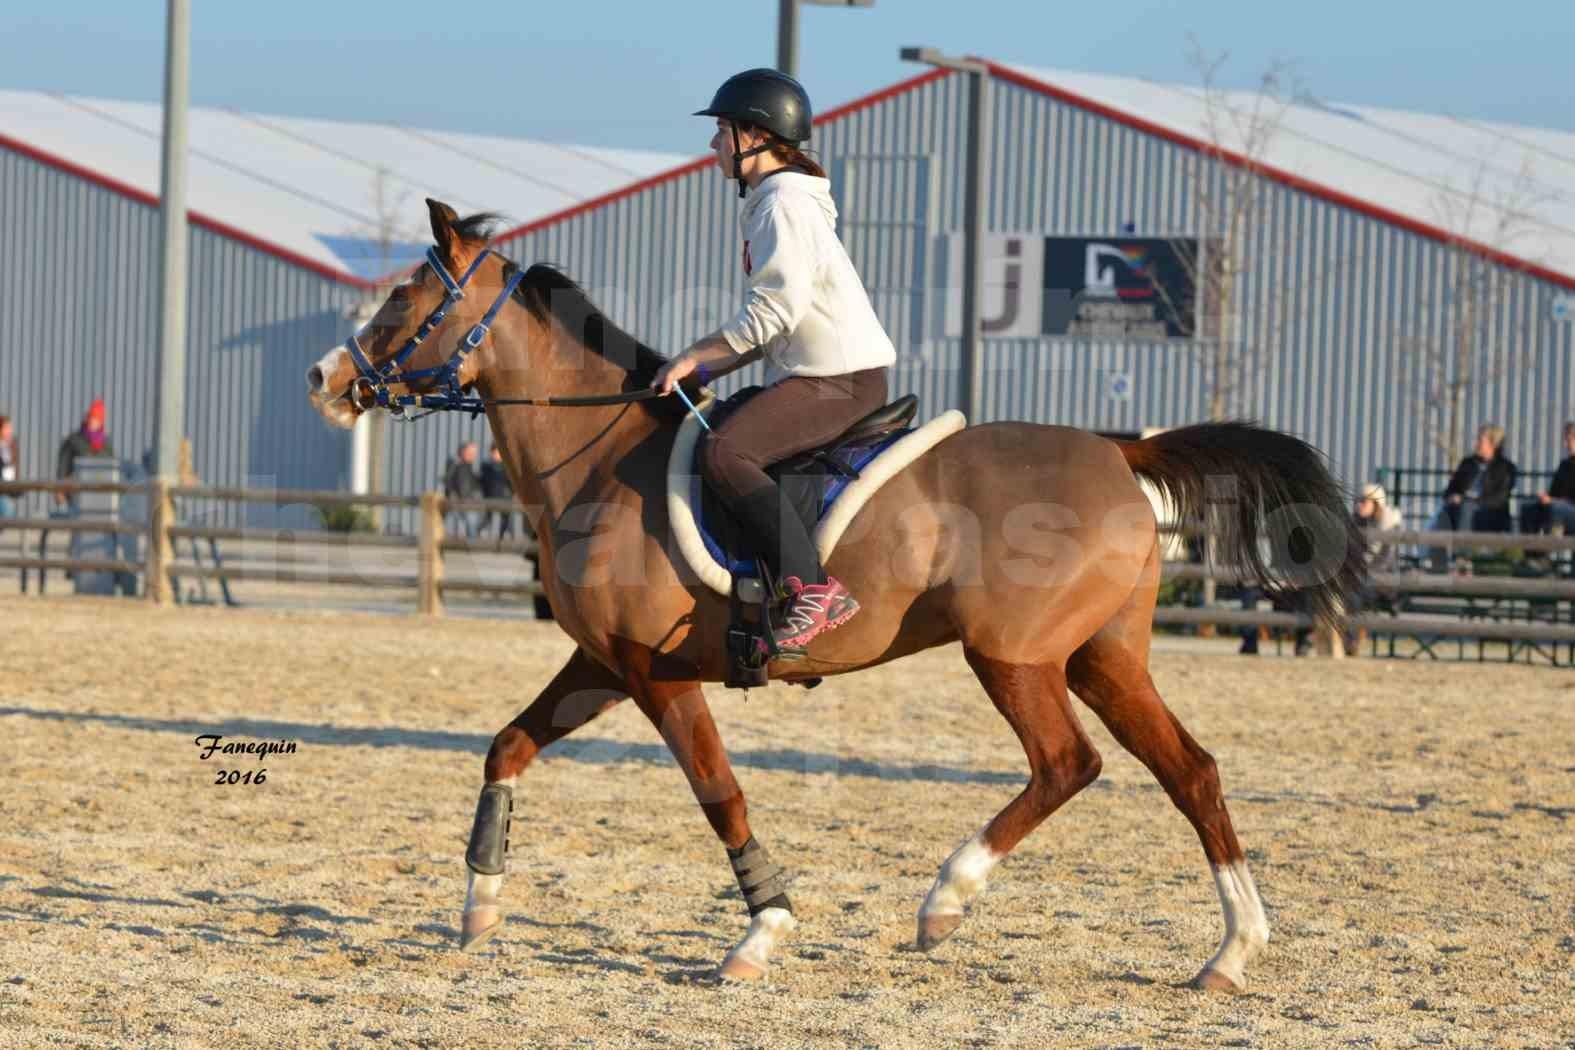 Cheval Passion 2016 - Présentation extérieure de chevaux Arabes montés - 11